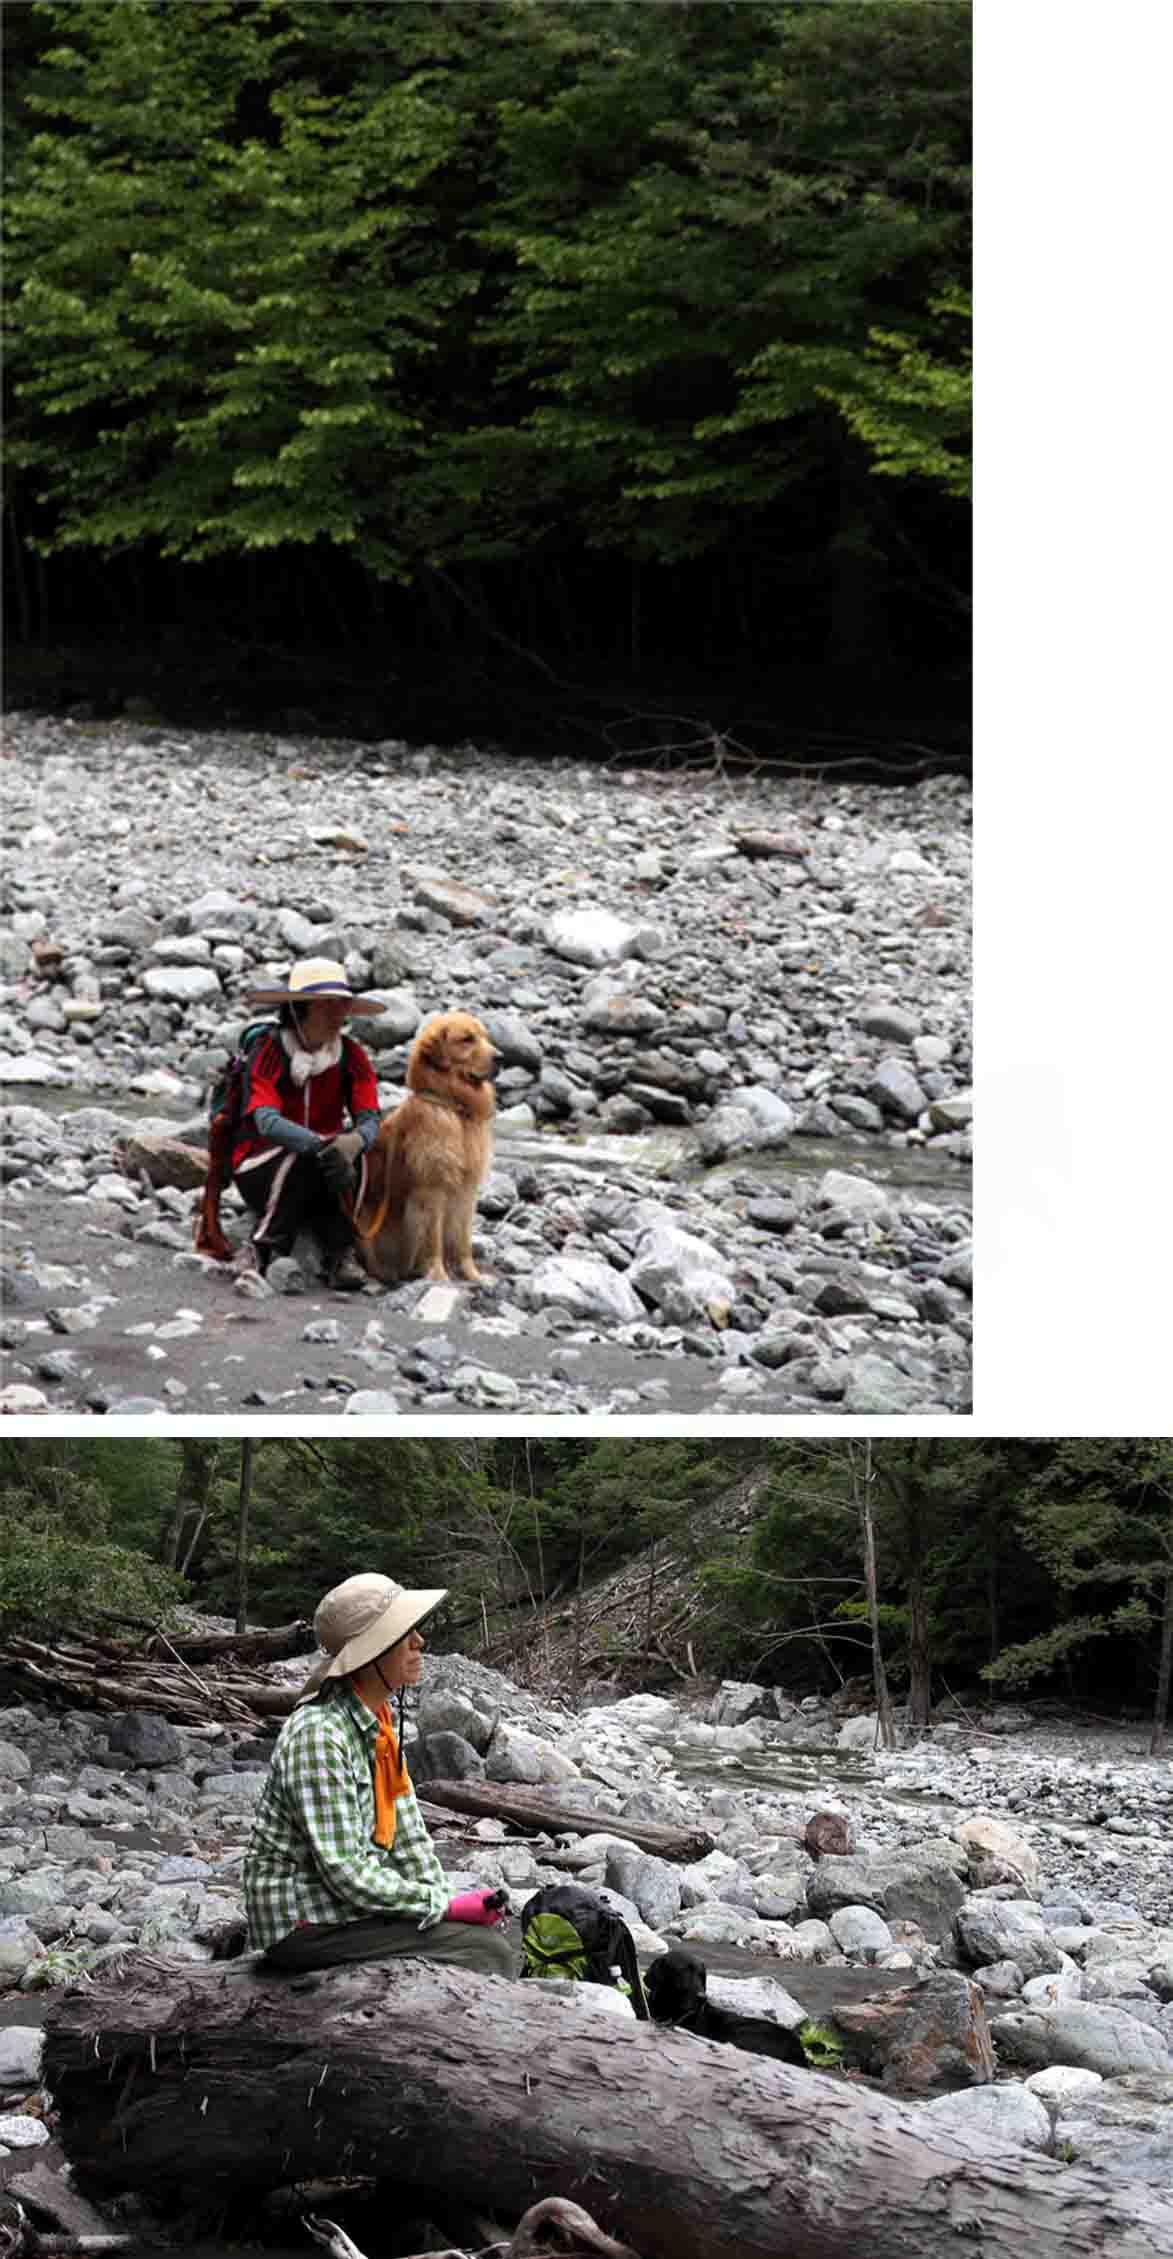 三峰川 7月14日 渓流周辺の捜索(24)